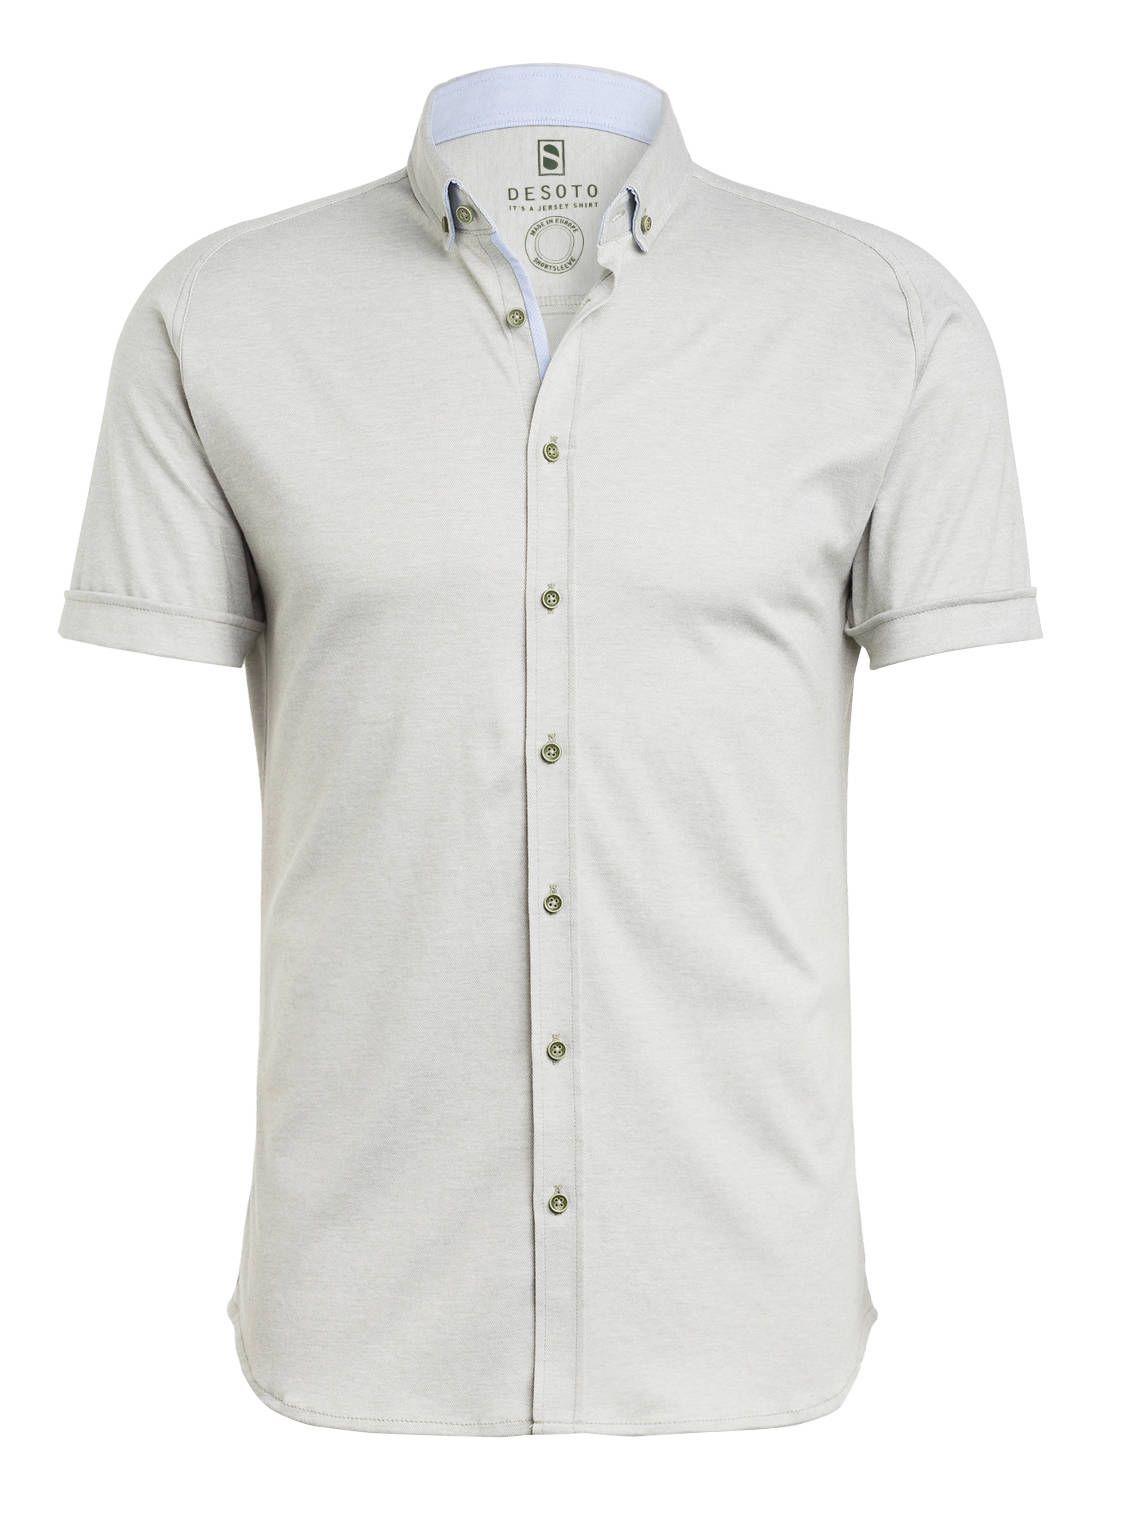 Halbarm-Jerseyhemd MODERN Extra Slim Fit von DESOTO bei Breuninger kaufen